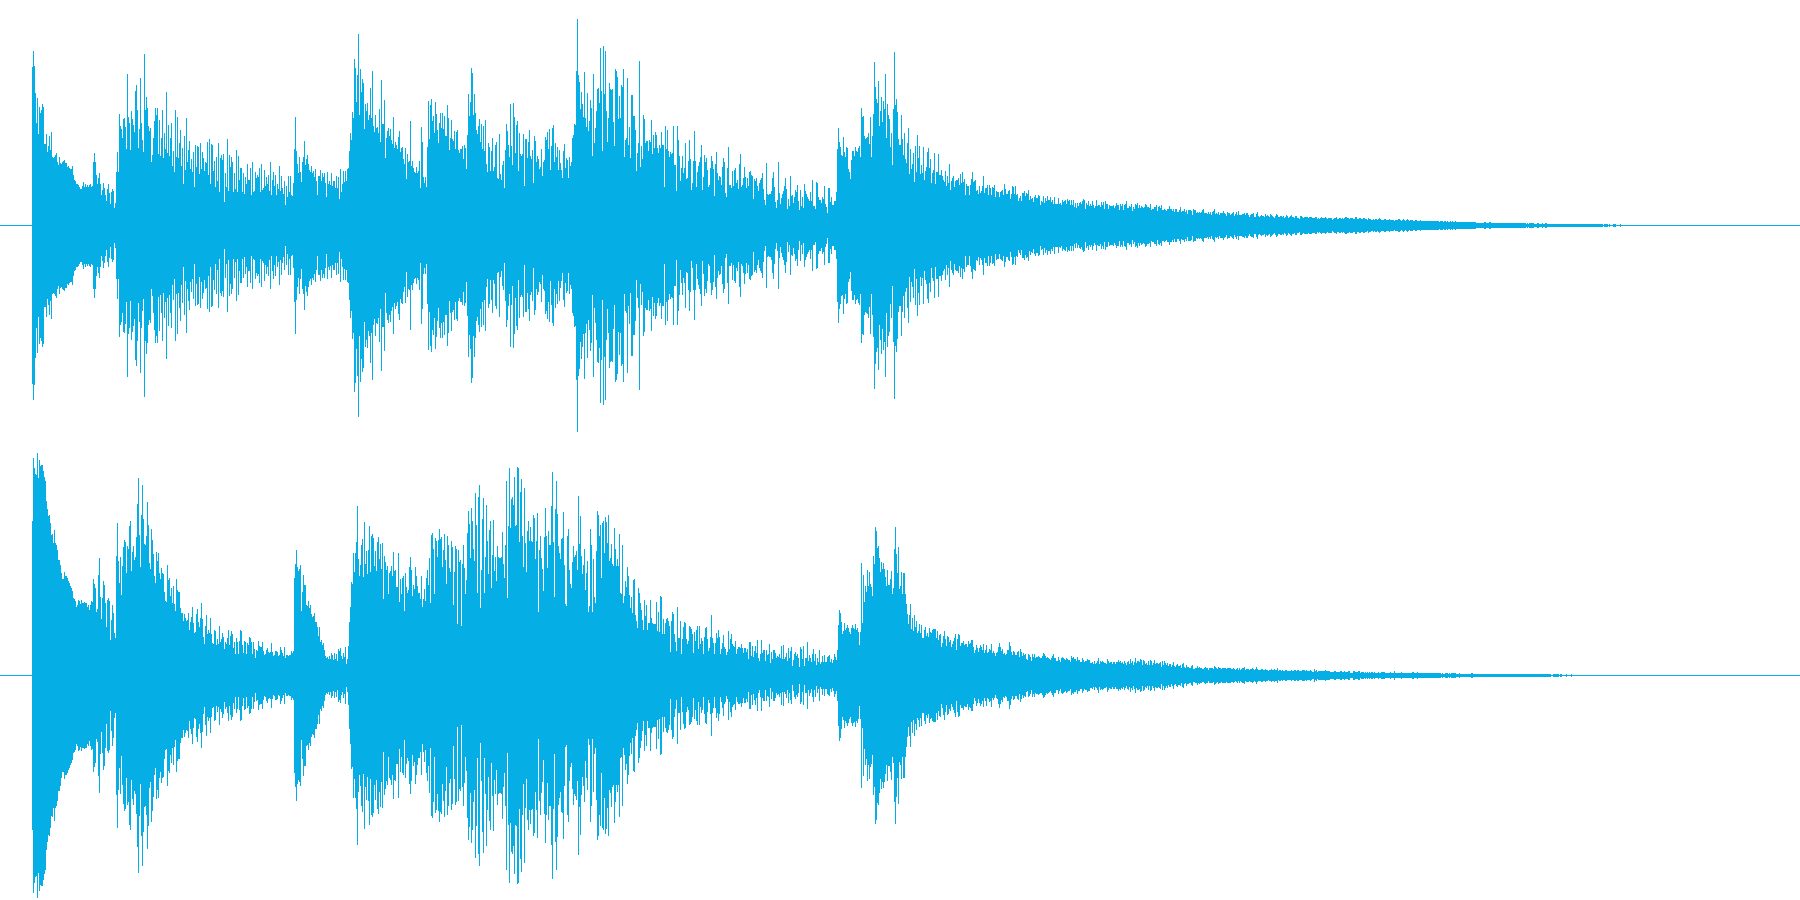 ジャズピアノ風サウンドロゴ の再生済みの波形